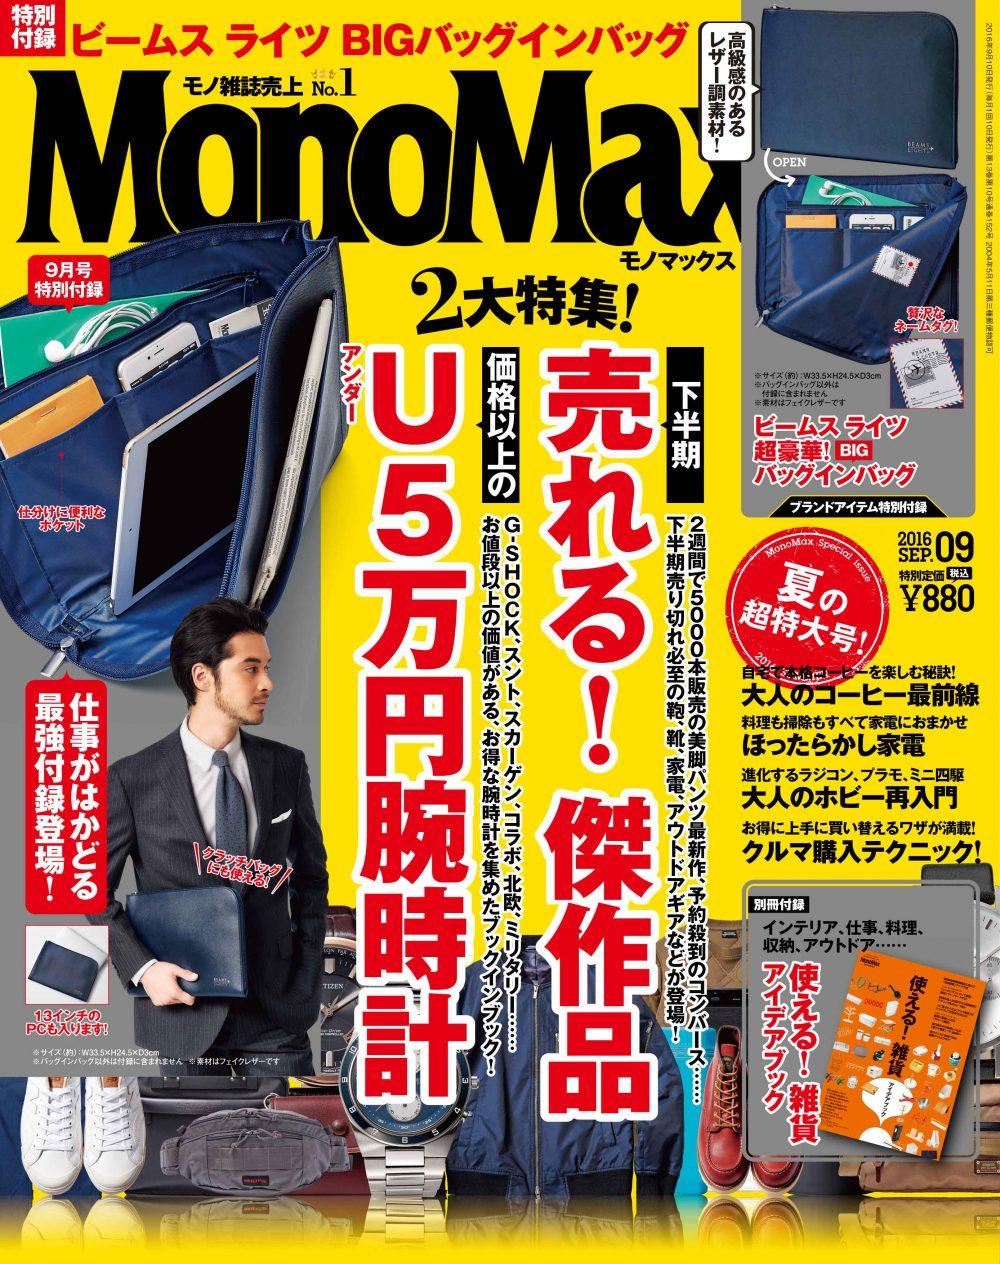 PPP_MonoMax09_表1_350dpi